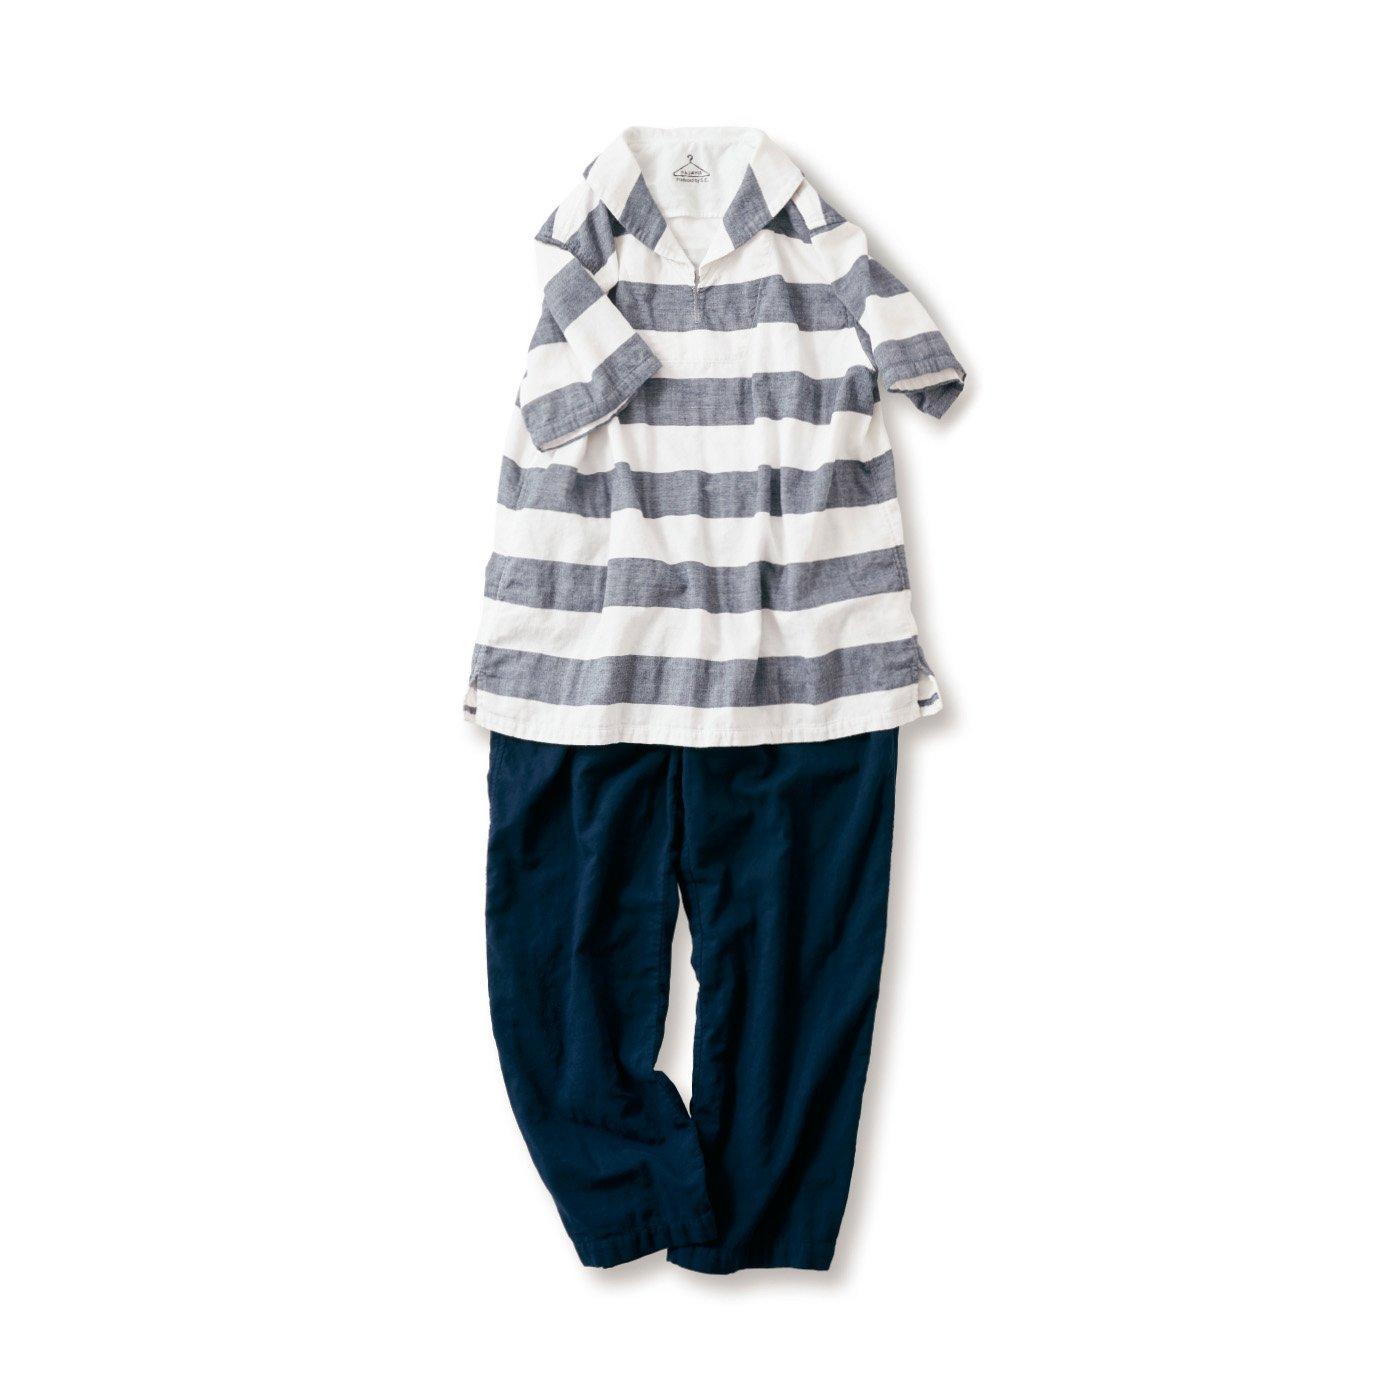 サニークラウズ マリンなパジャマ〈レディース〉